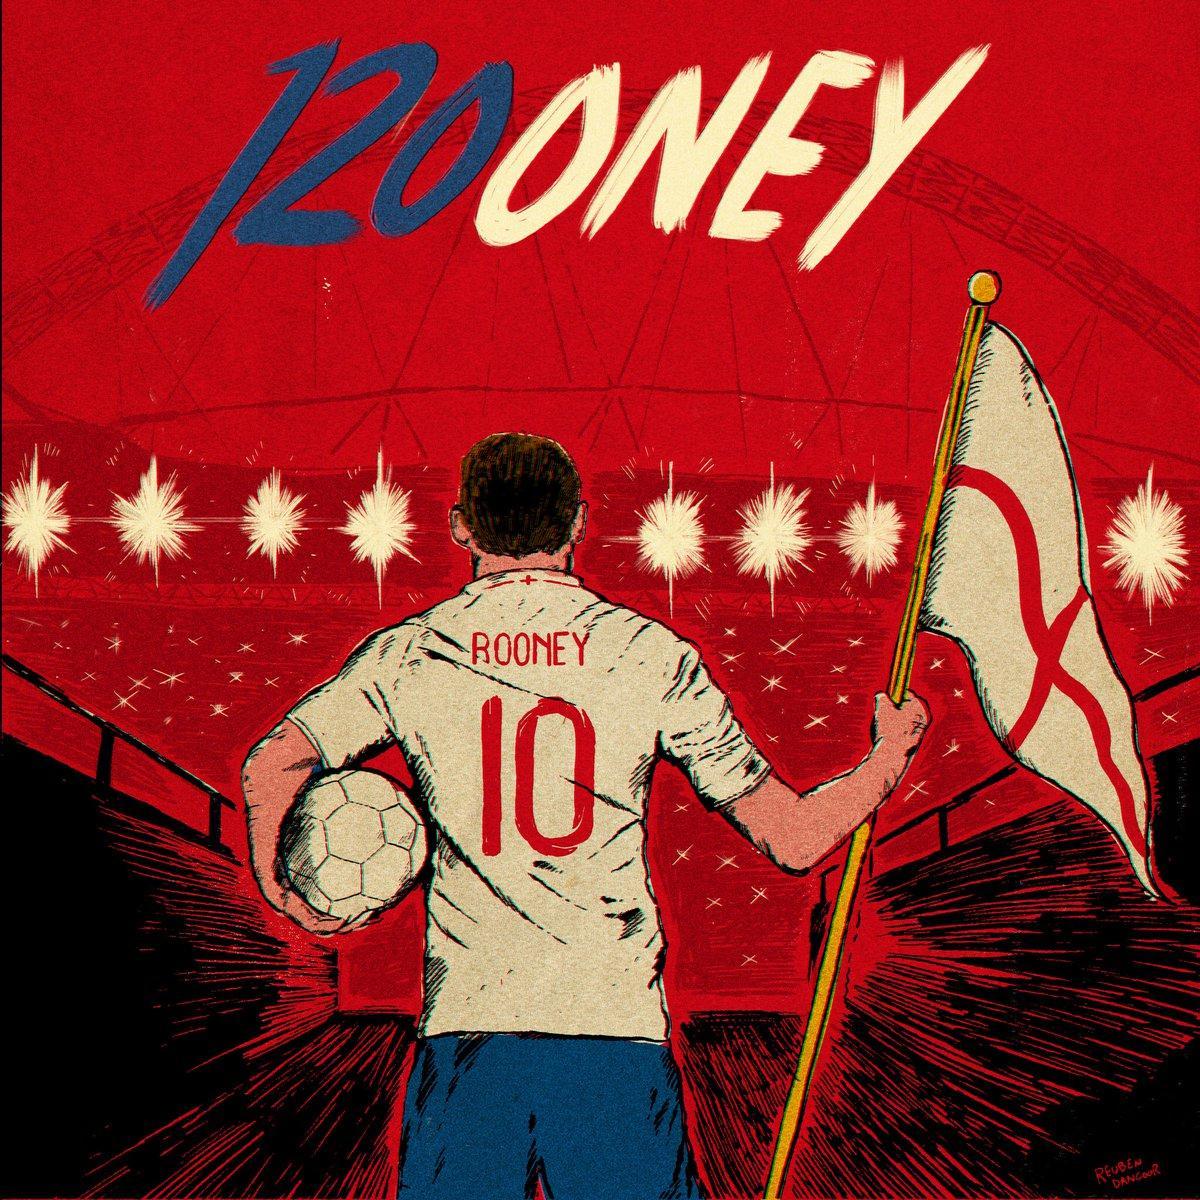 Wayne Rooney è tornato in Nazionale, per l'ultima volta. L'Inghilterra lo ha riabbracciato e il motivo è stato tra i più nobili di tutti: un'iniziativa di beneficenza. La sua ultima partita in Nazionale: la numero 120.